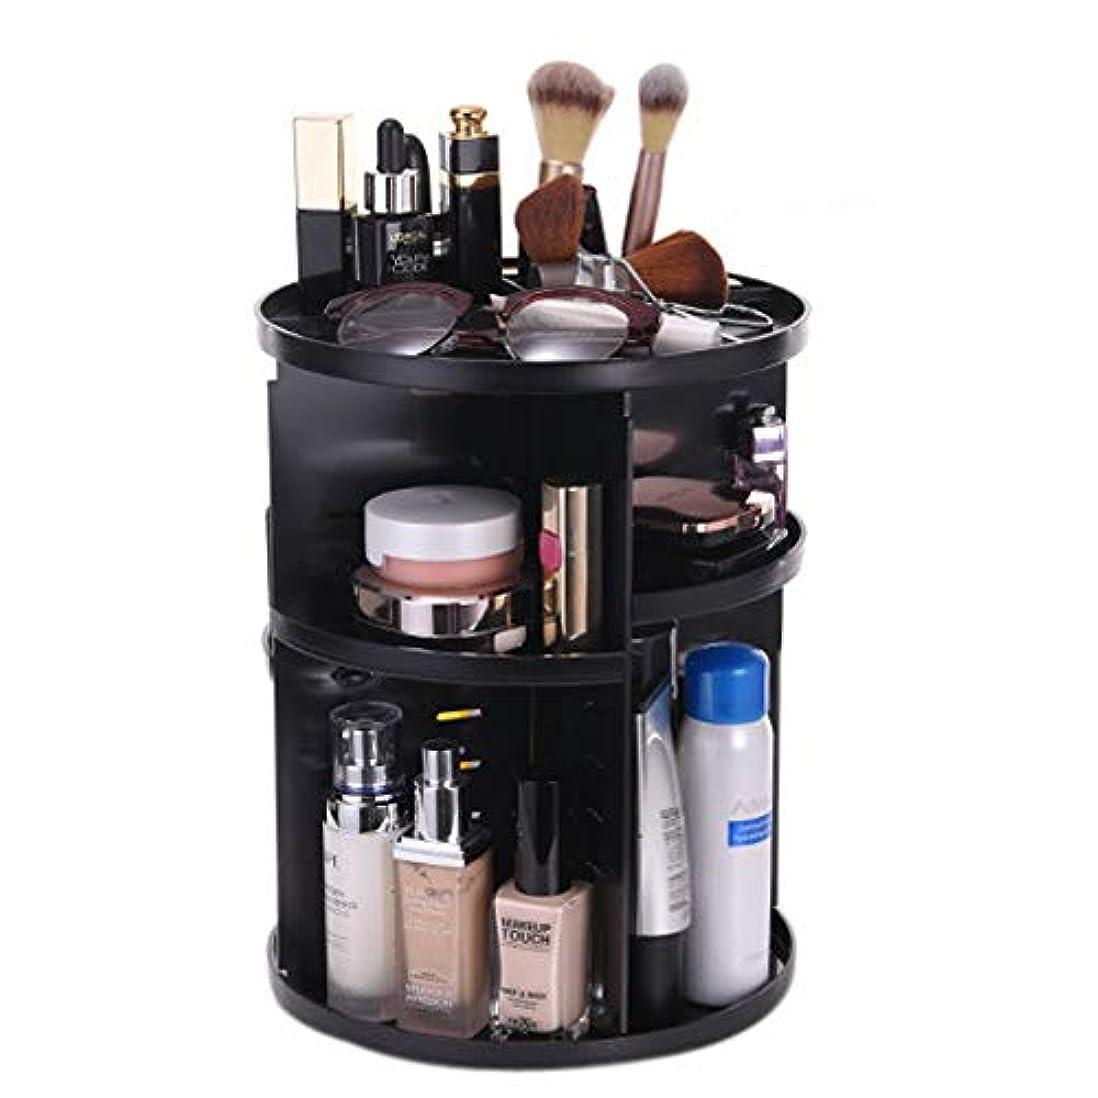 励起ワット類似性winkong 化粧コスメ収納ボックス アブラック 化粧品収納 360度回転 調整可能 大容量 多機能 クリルケース メイクケース